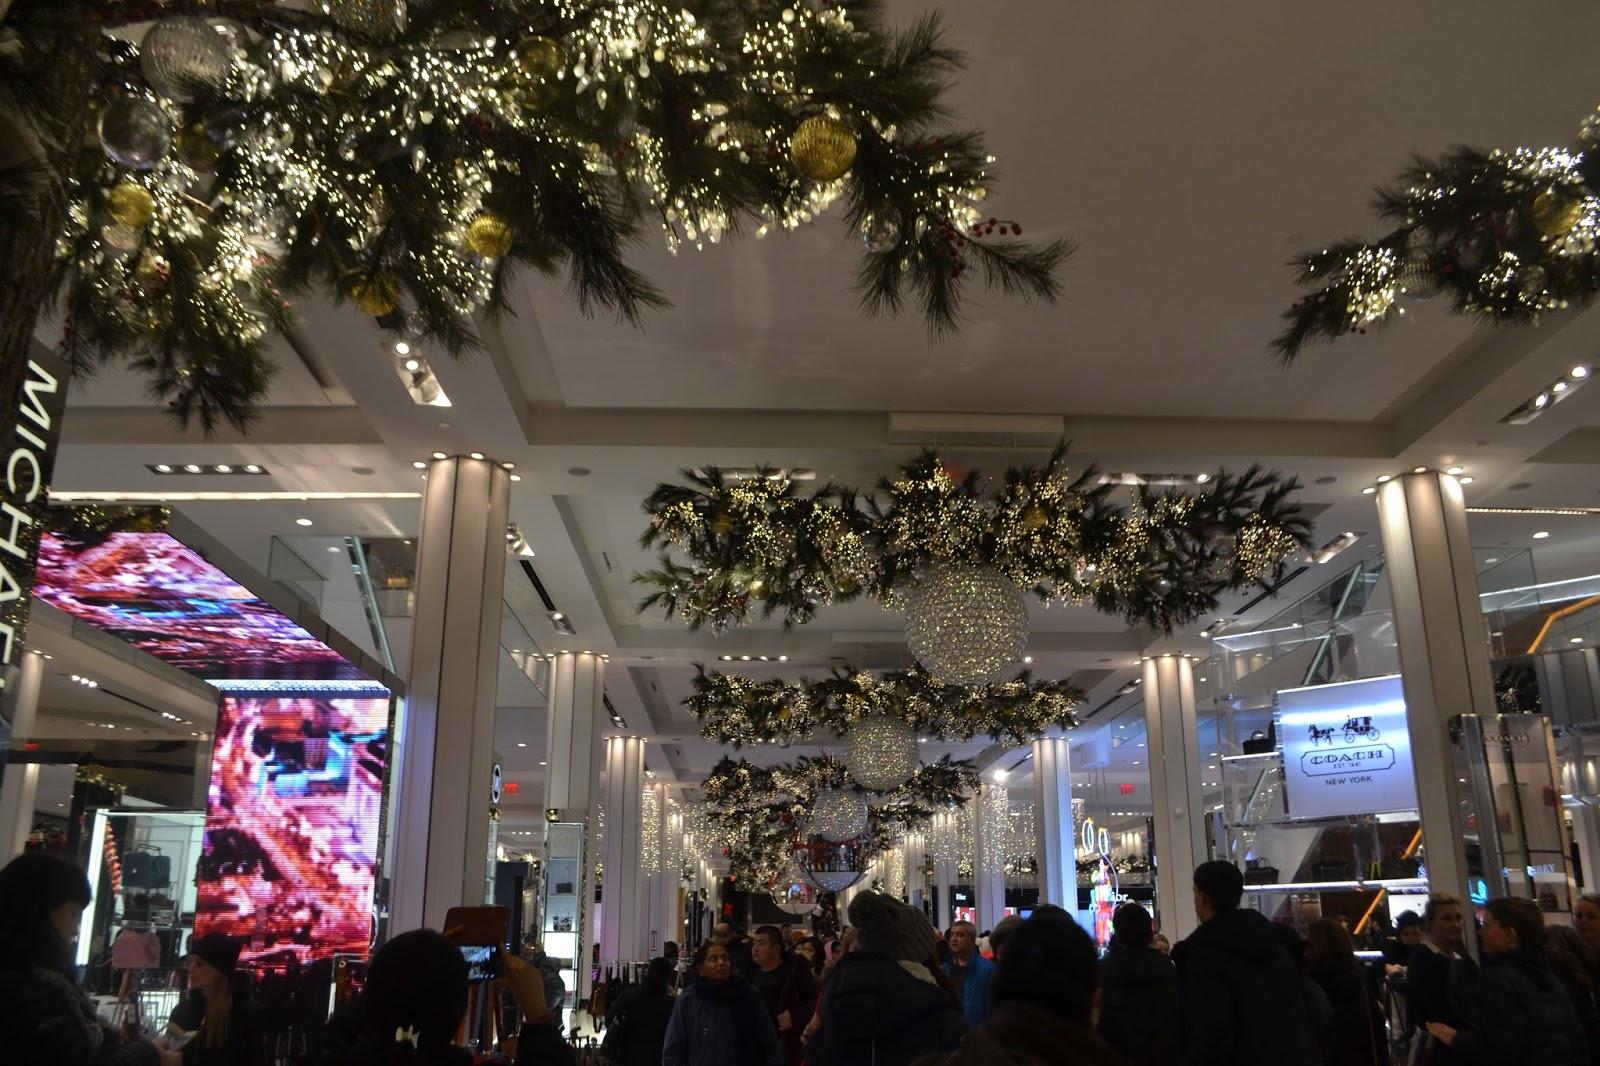 Christmas-store-decor